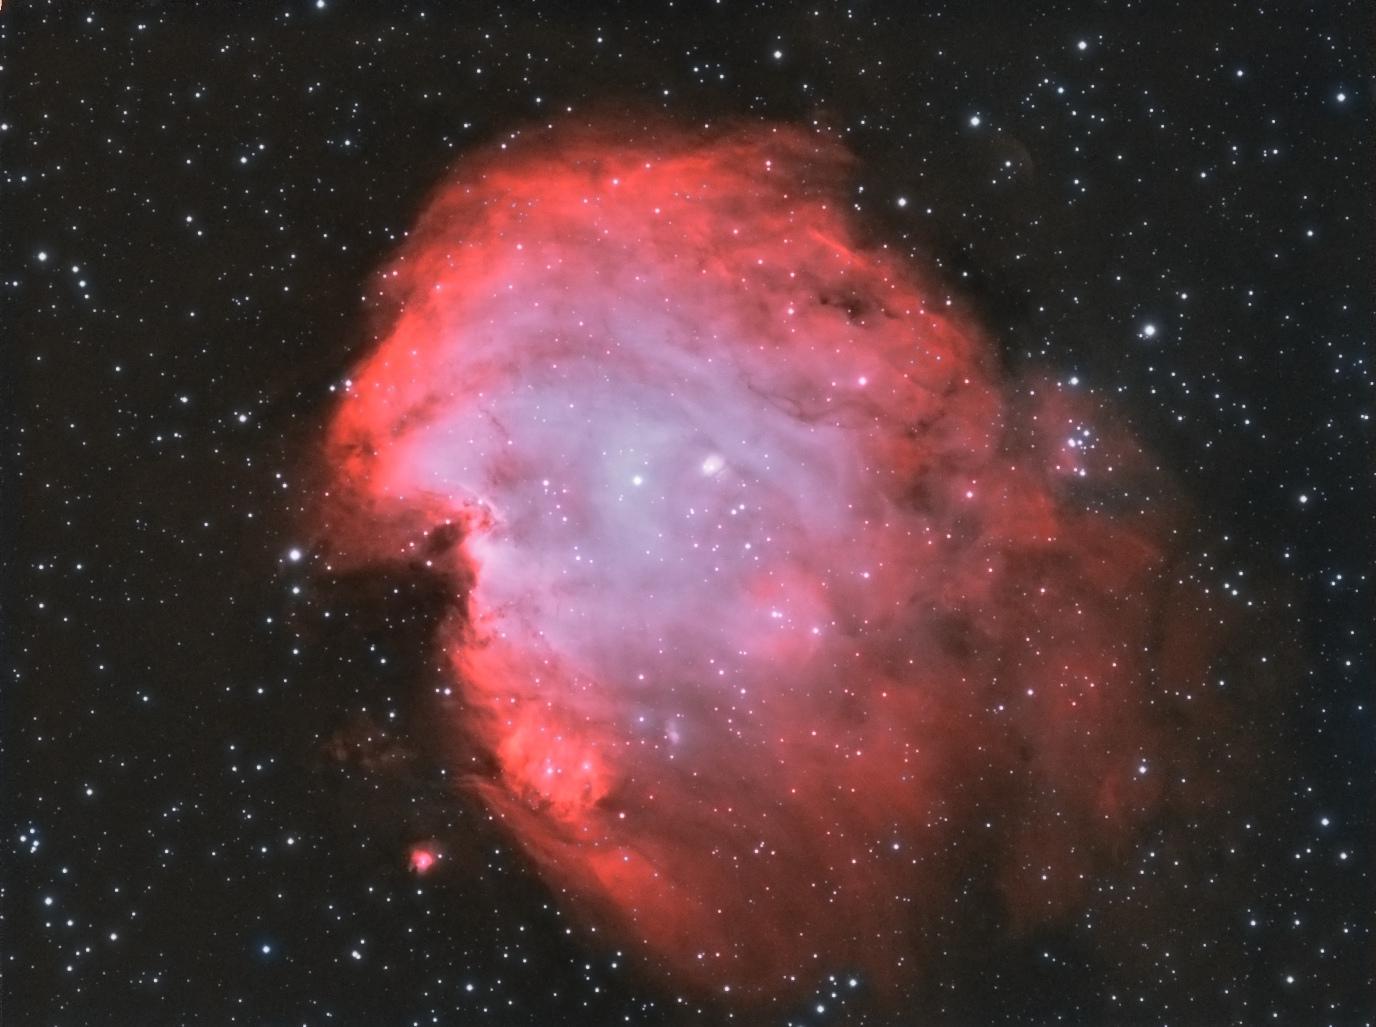 5e805a0ca148e_NGC2174HA-OIIIcouleurnormale.jpg.70803cd84b3bc9d818214333146f10df.jpg